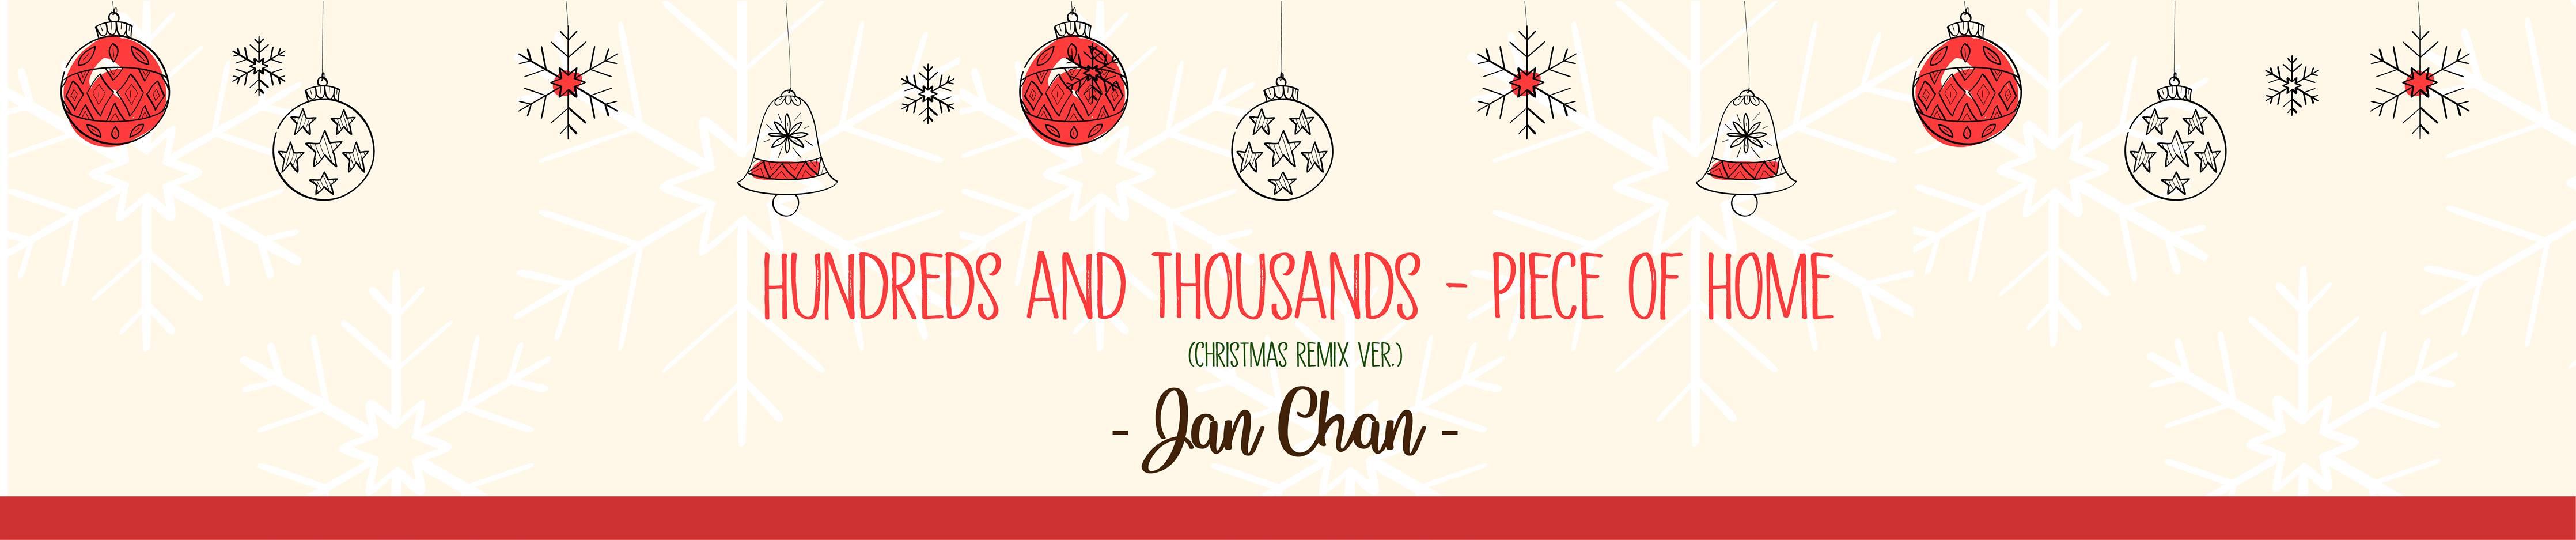 แจนจัง สุดน่ารัก ส่งของขวัญพิเศษให้แฟน ๆ กับ 2 เพลงเพราะ เวอร์ชั่น Christmas remix (มีคลิป)